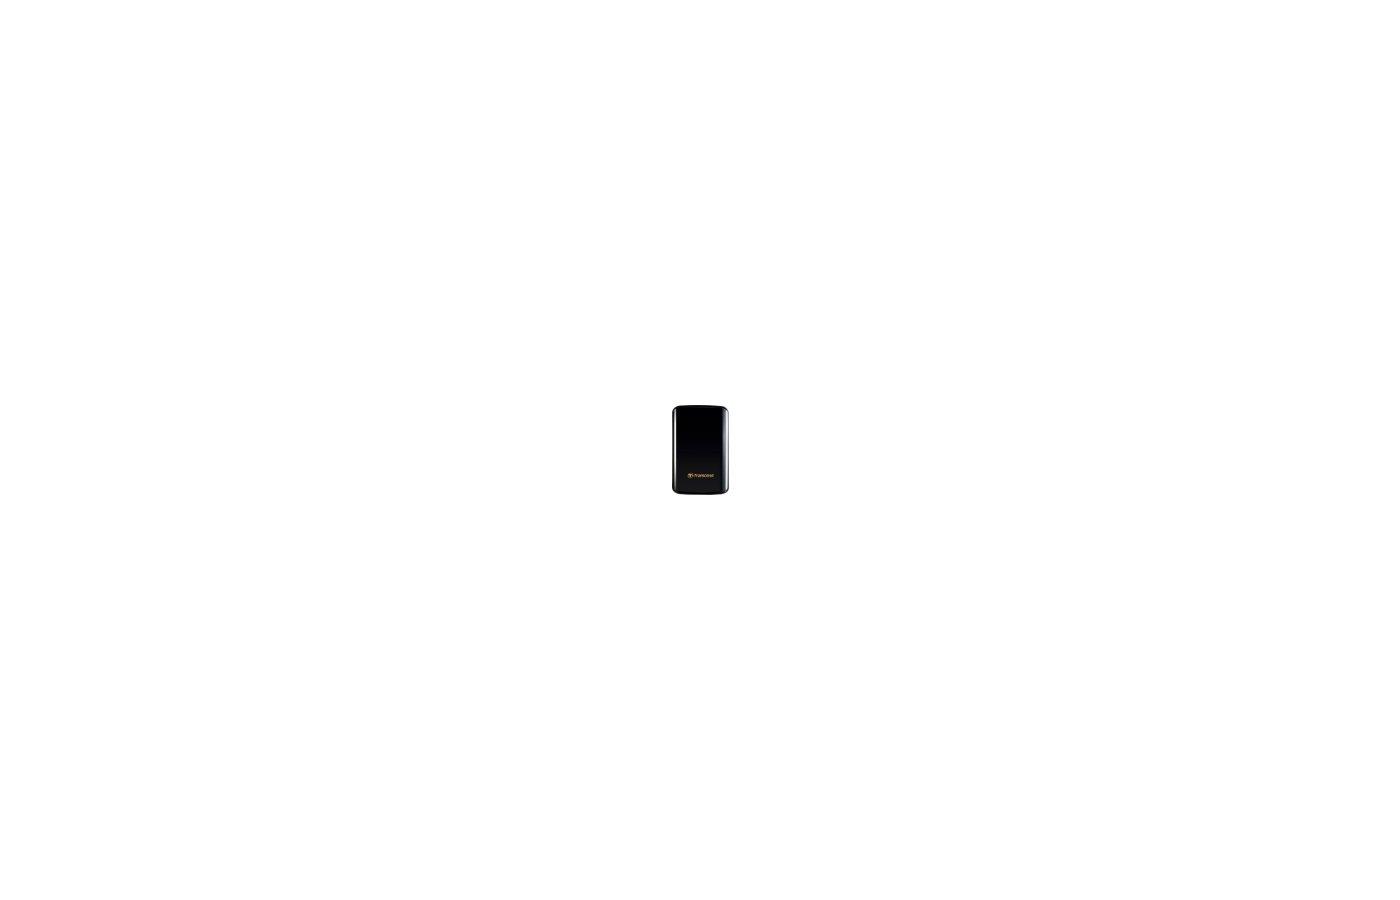 """Внешний жесткий диск Transcend USB 3.0 1Tb TS1TSJ25D3 StoreJet 25D3 2.5"""" черный"""